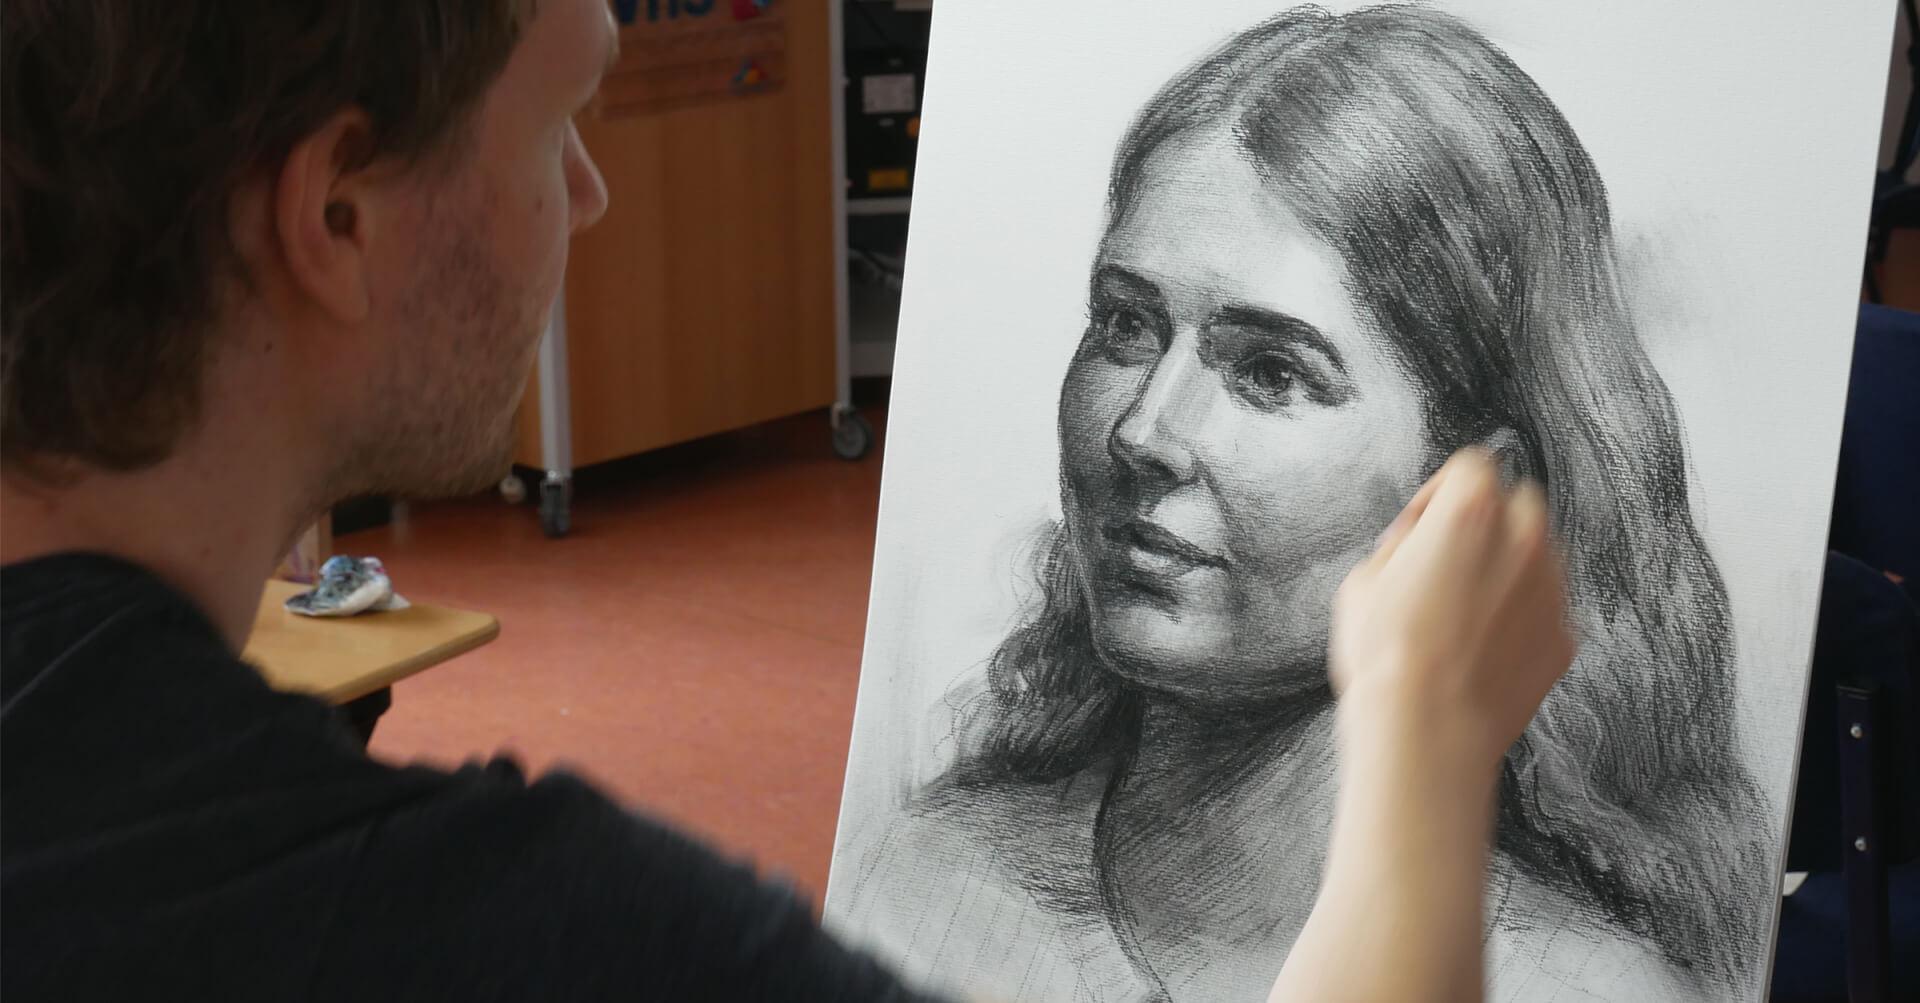 sich im zeichnen verbessern mit maxim simonenko maxim beim zeichnen kohle portrait frau maximko